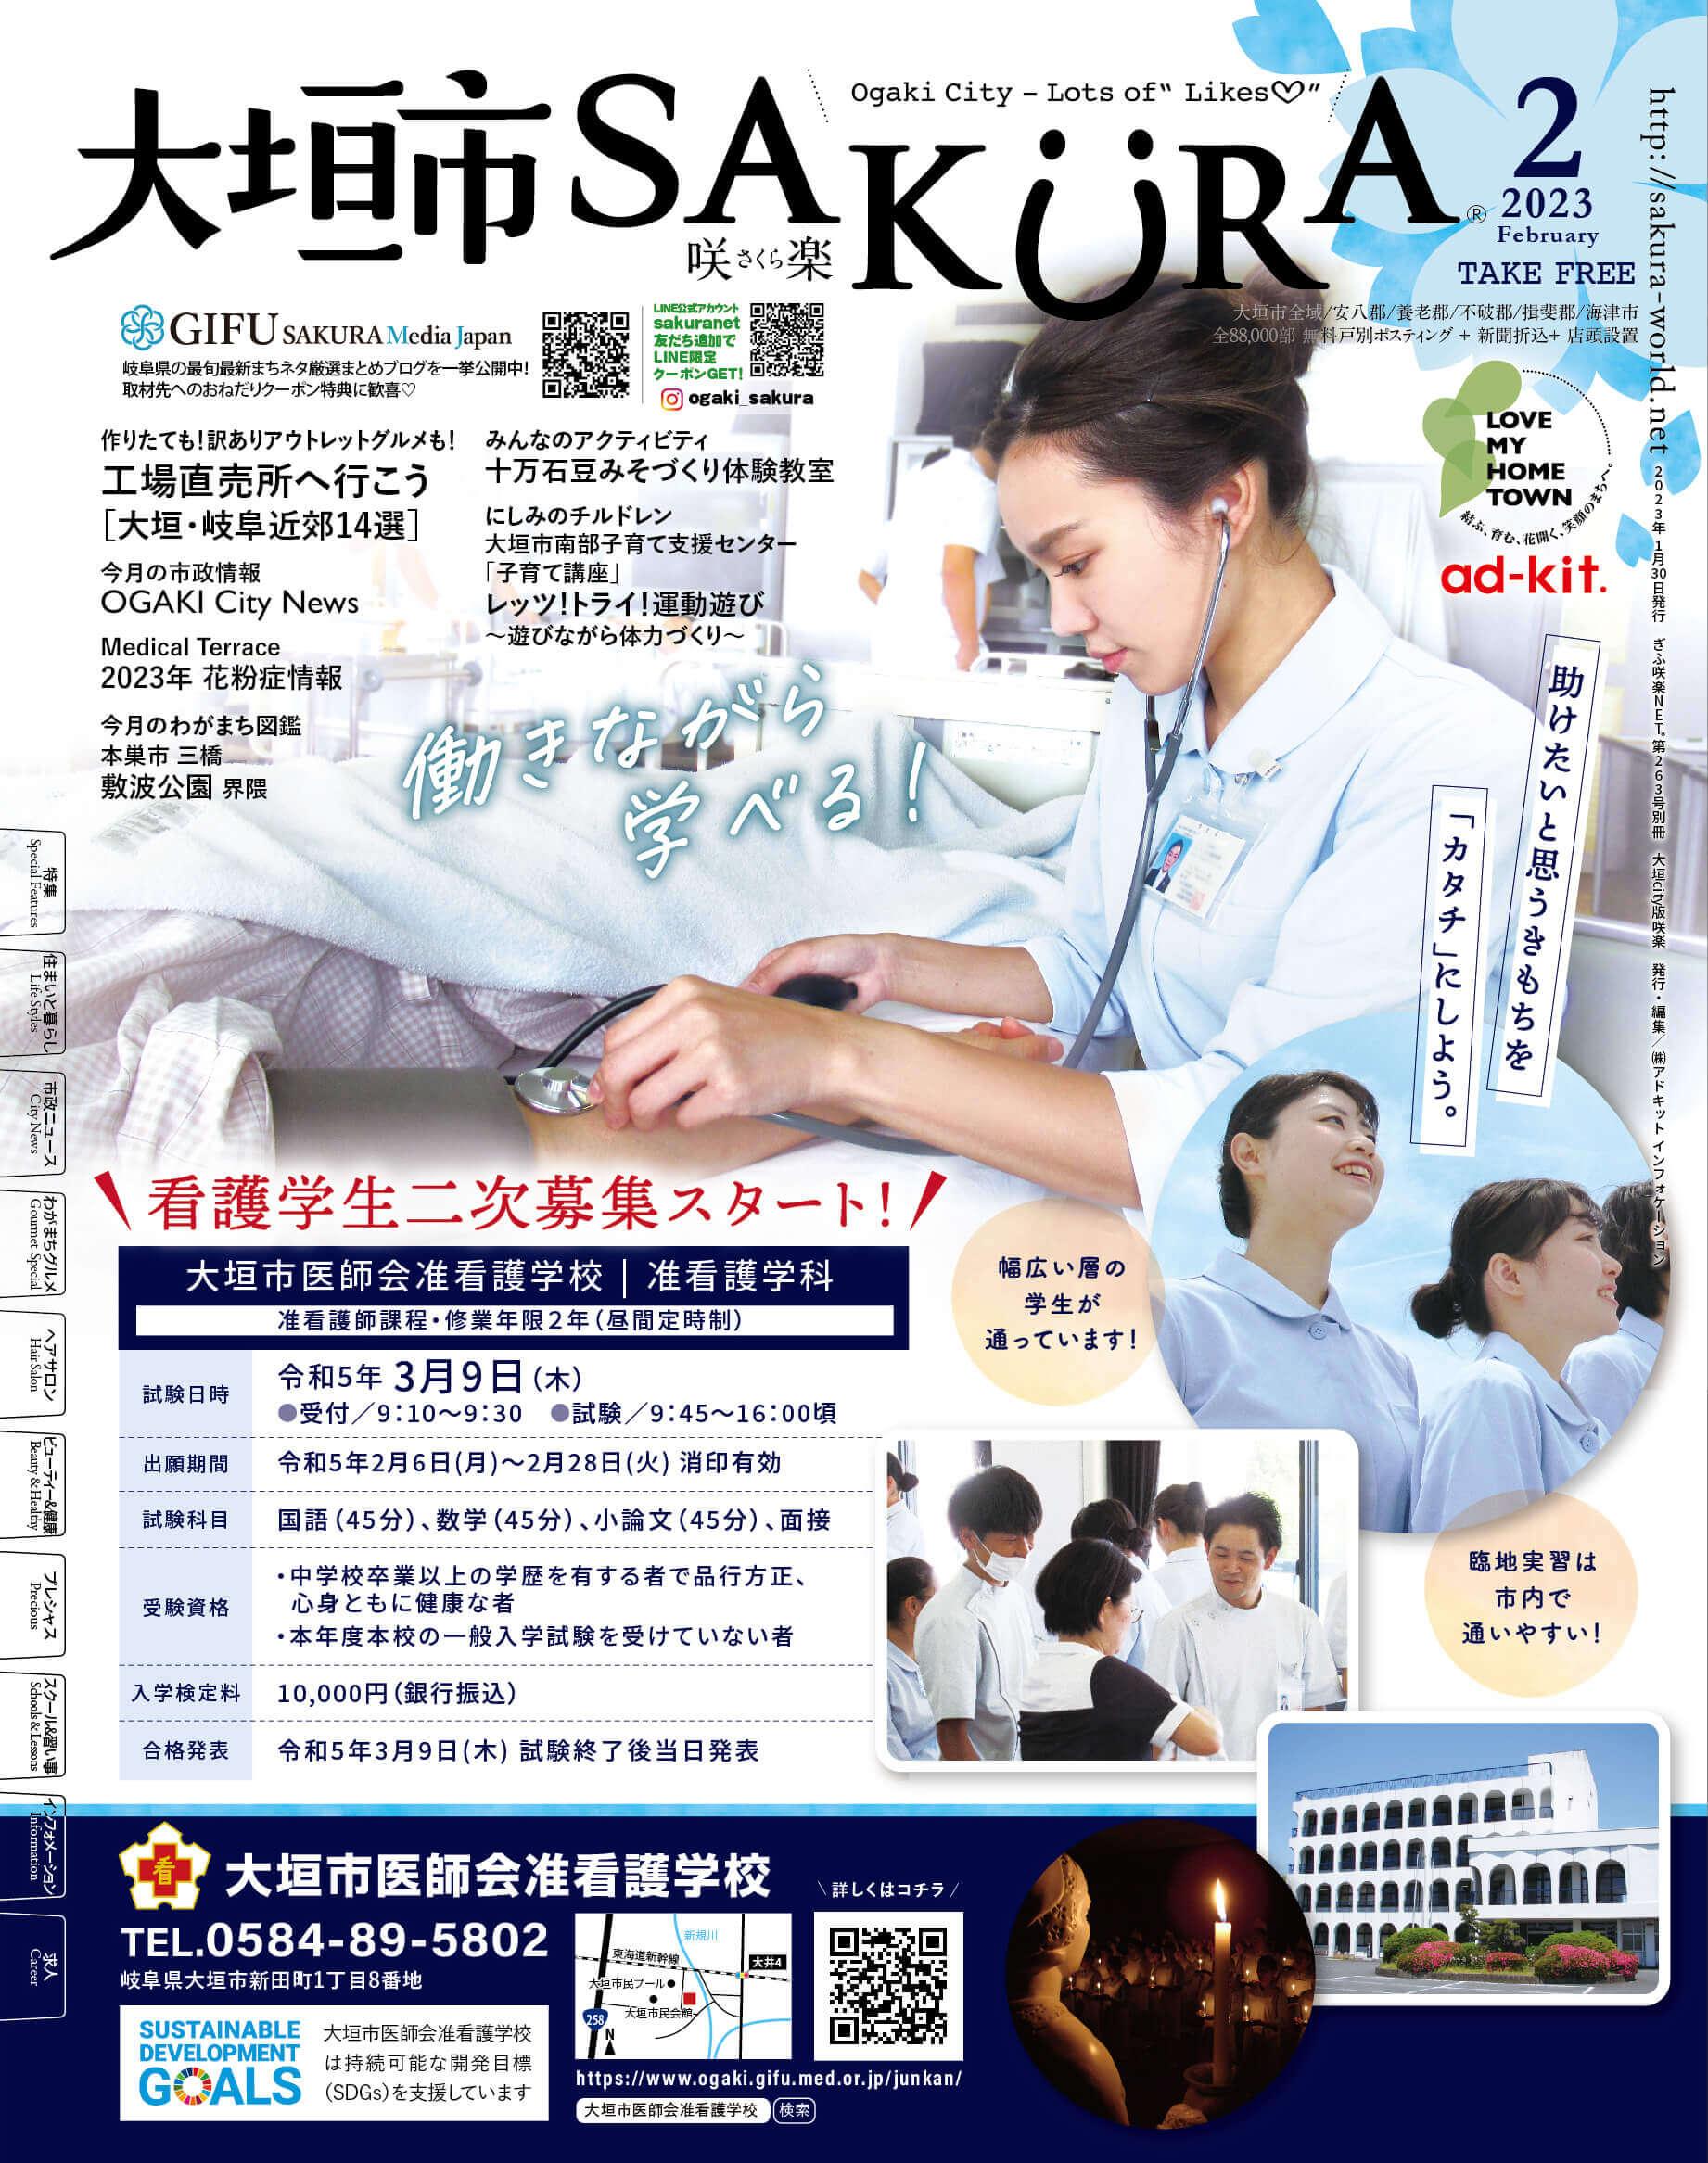 フリーペーパー大垣city版咲楽(さくら)ぎふ咲楽NET別紙